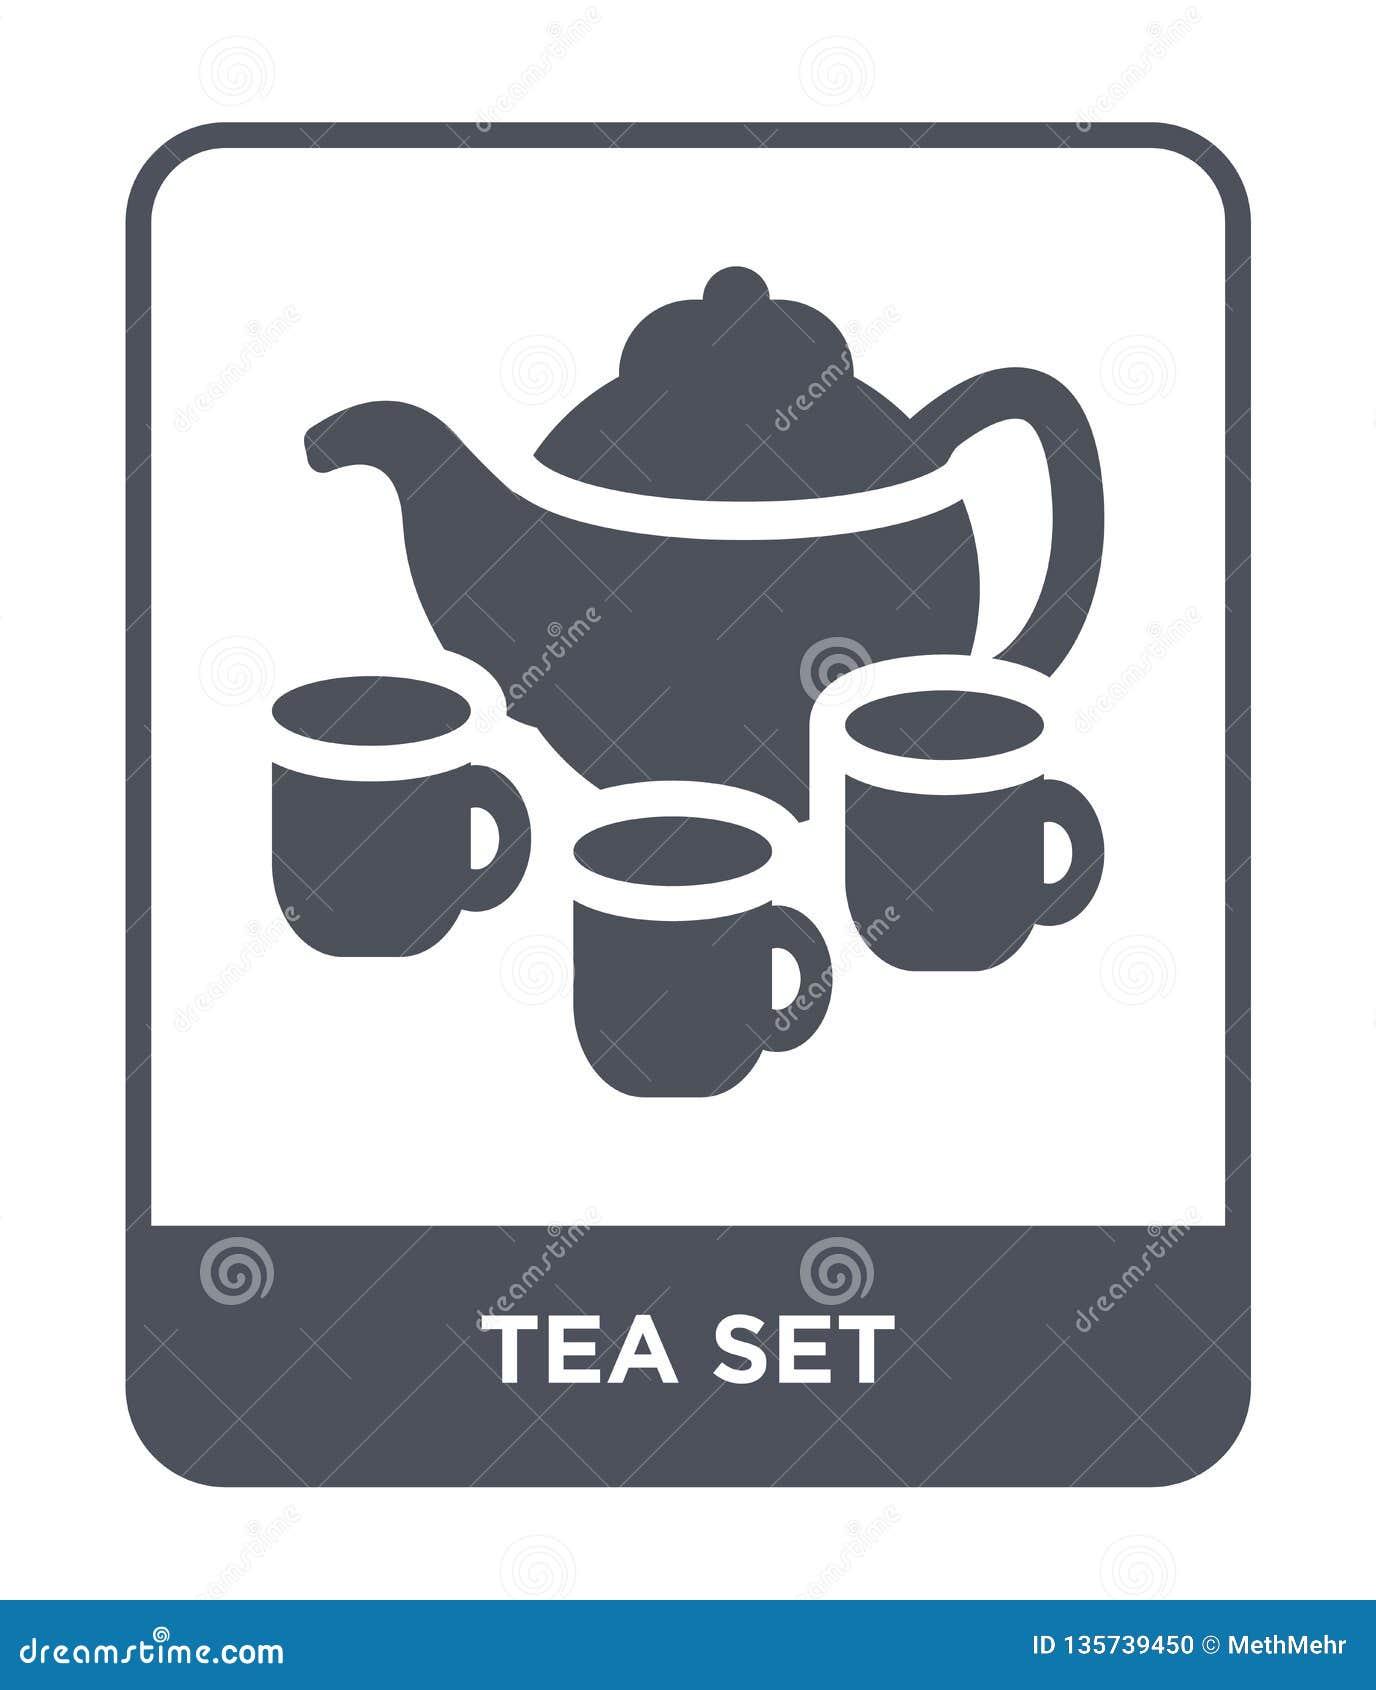 значок набора чая в ультрамодном стиле дизайна значок набора чая изолированный на белой предпосылке символ значка вектора набора